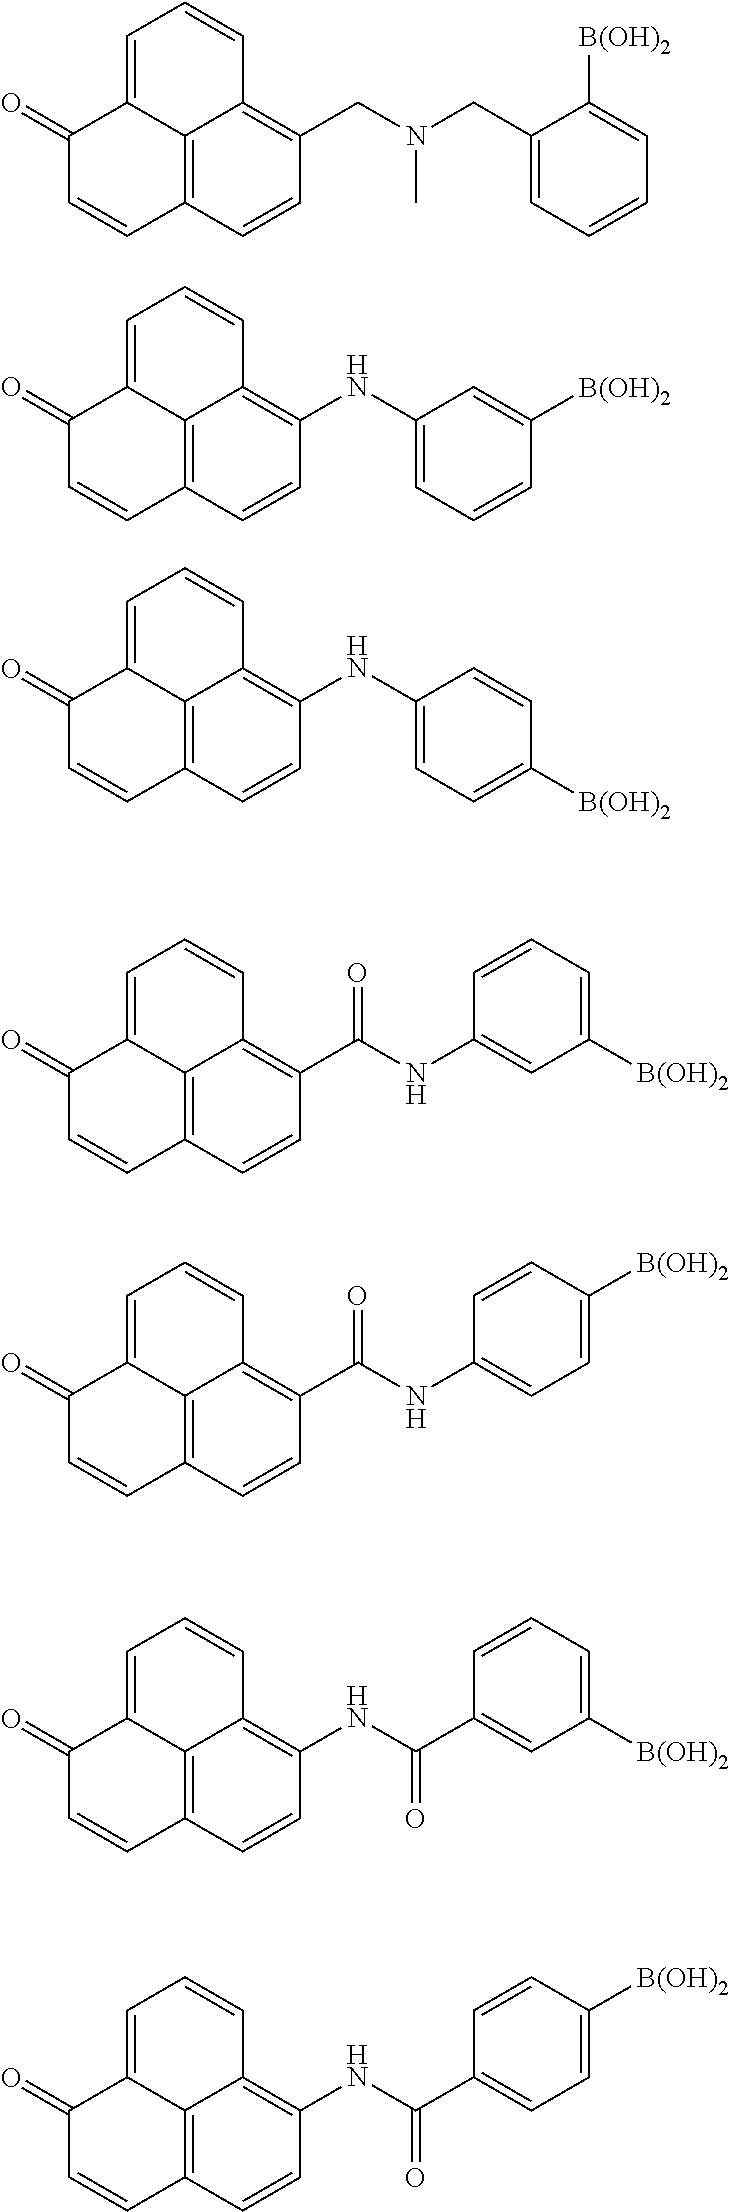 Figure US08466286-20130618-C00052